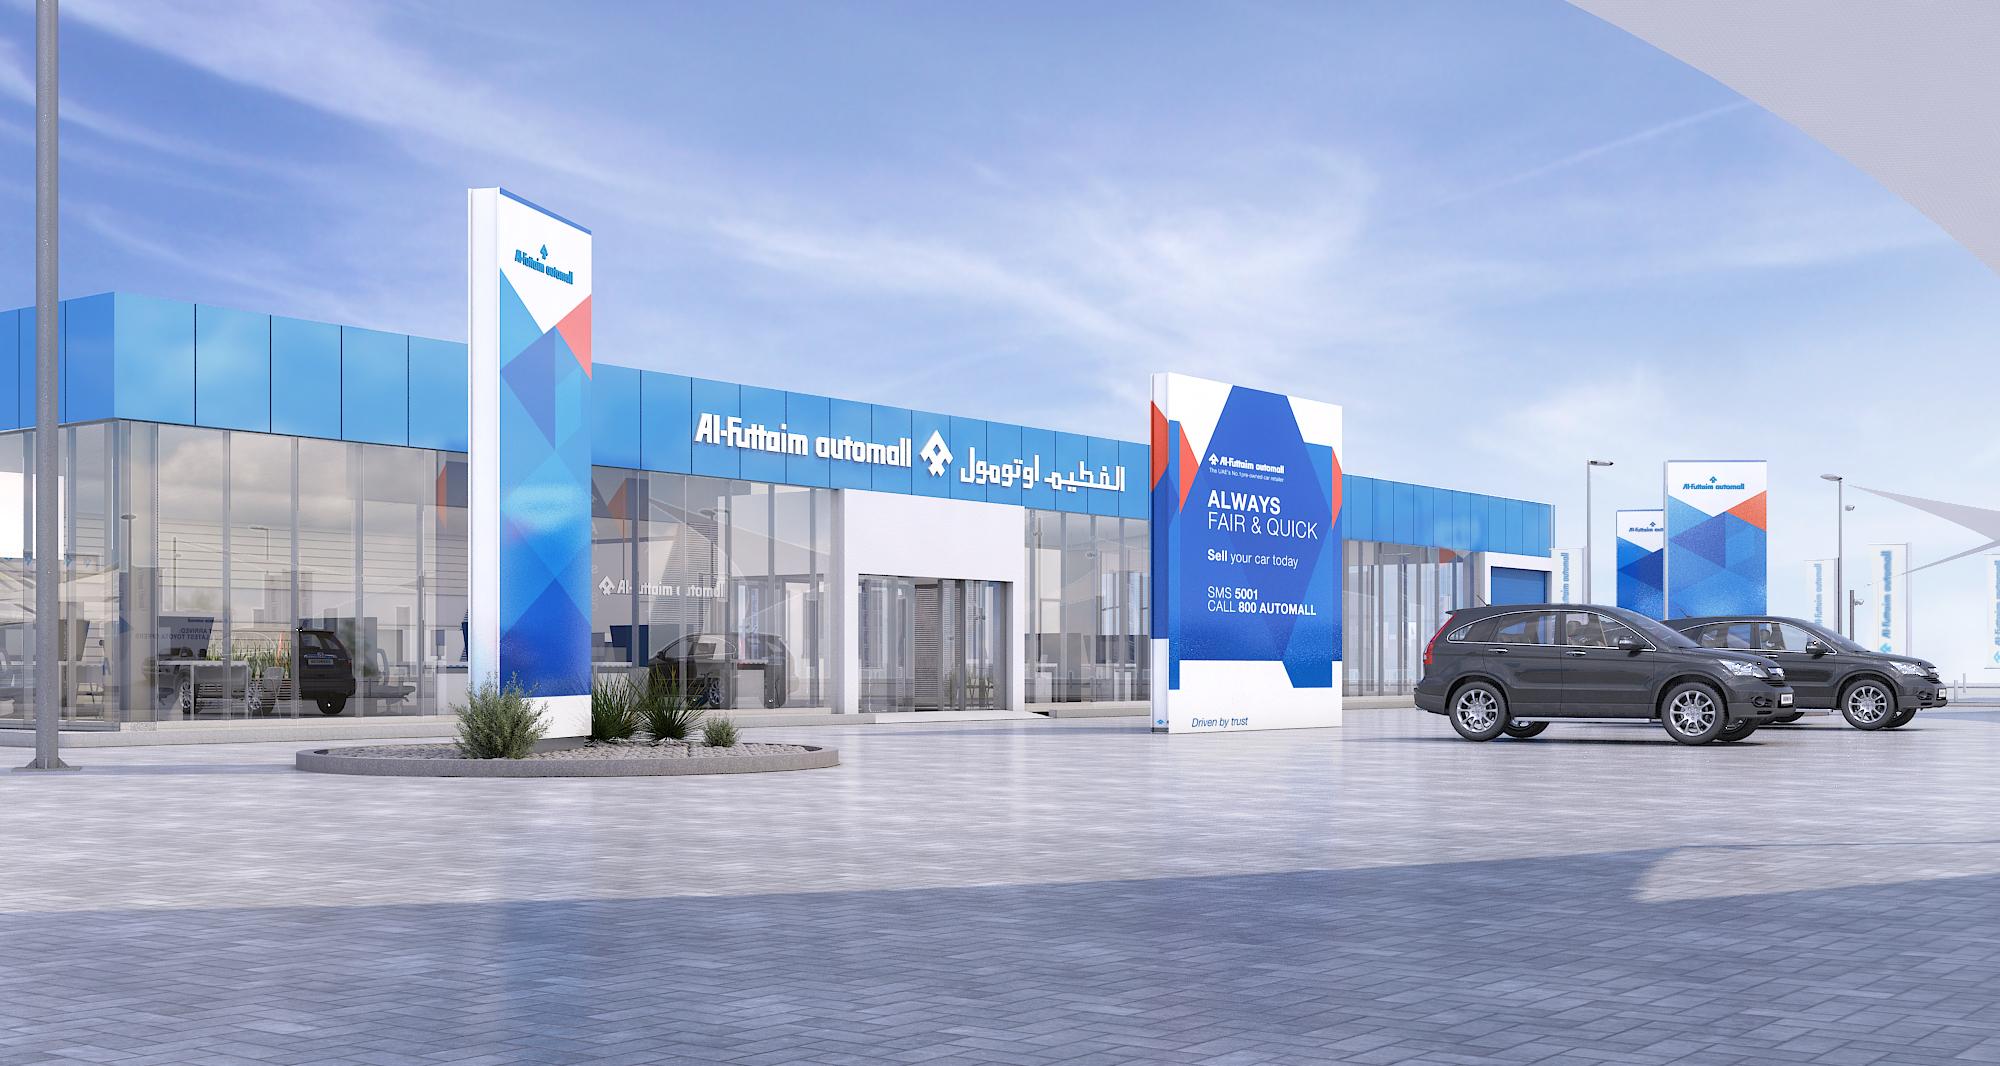 الفطيم للسيارات Al futtaim automall